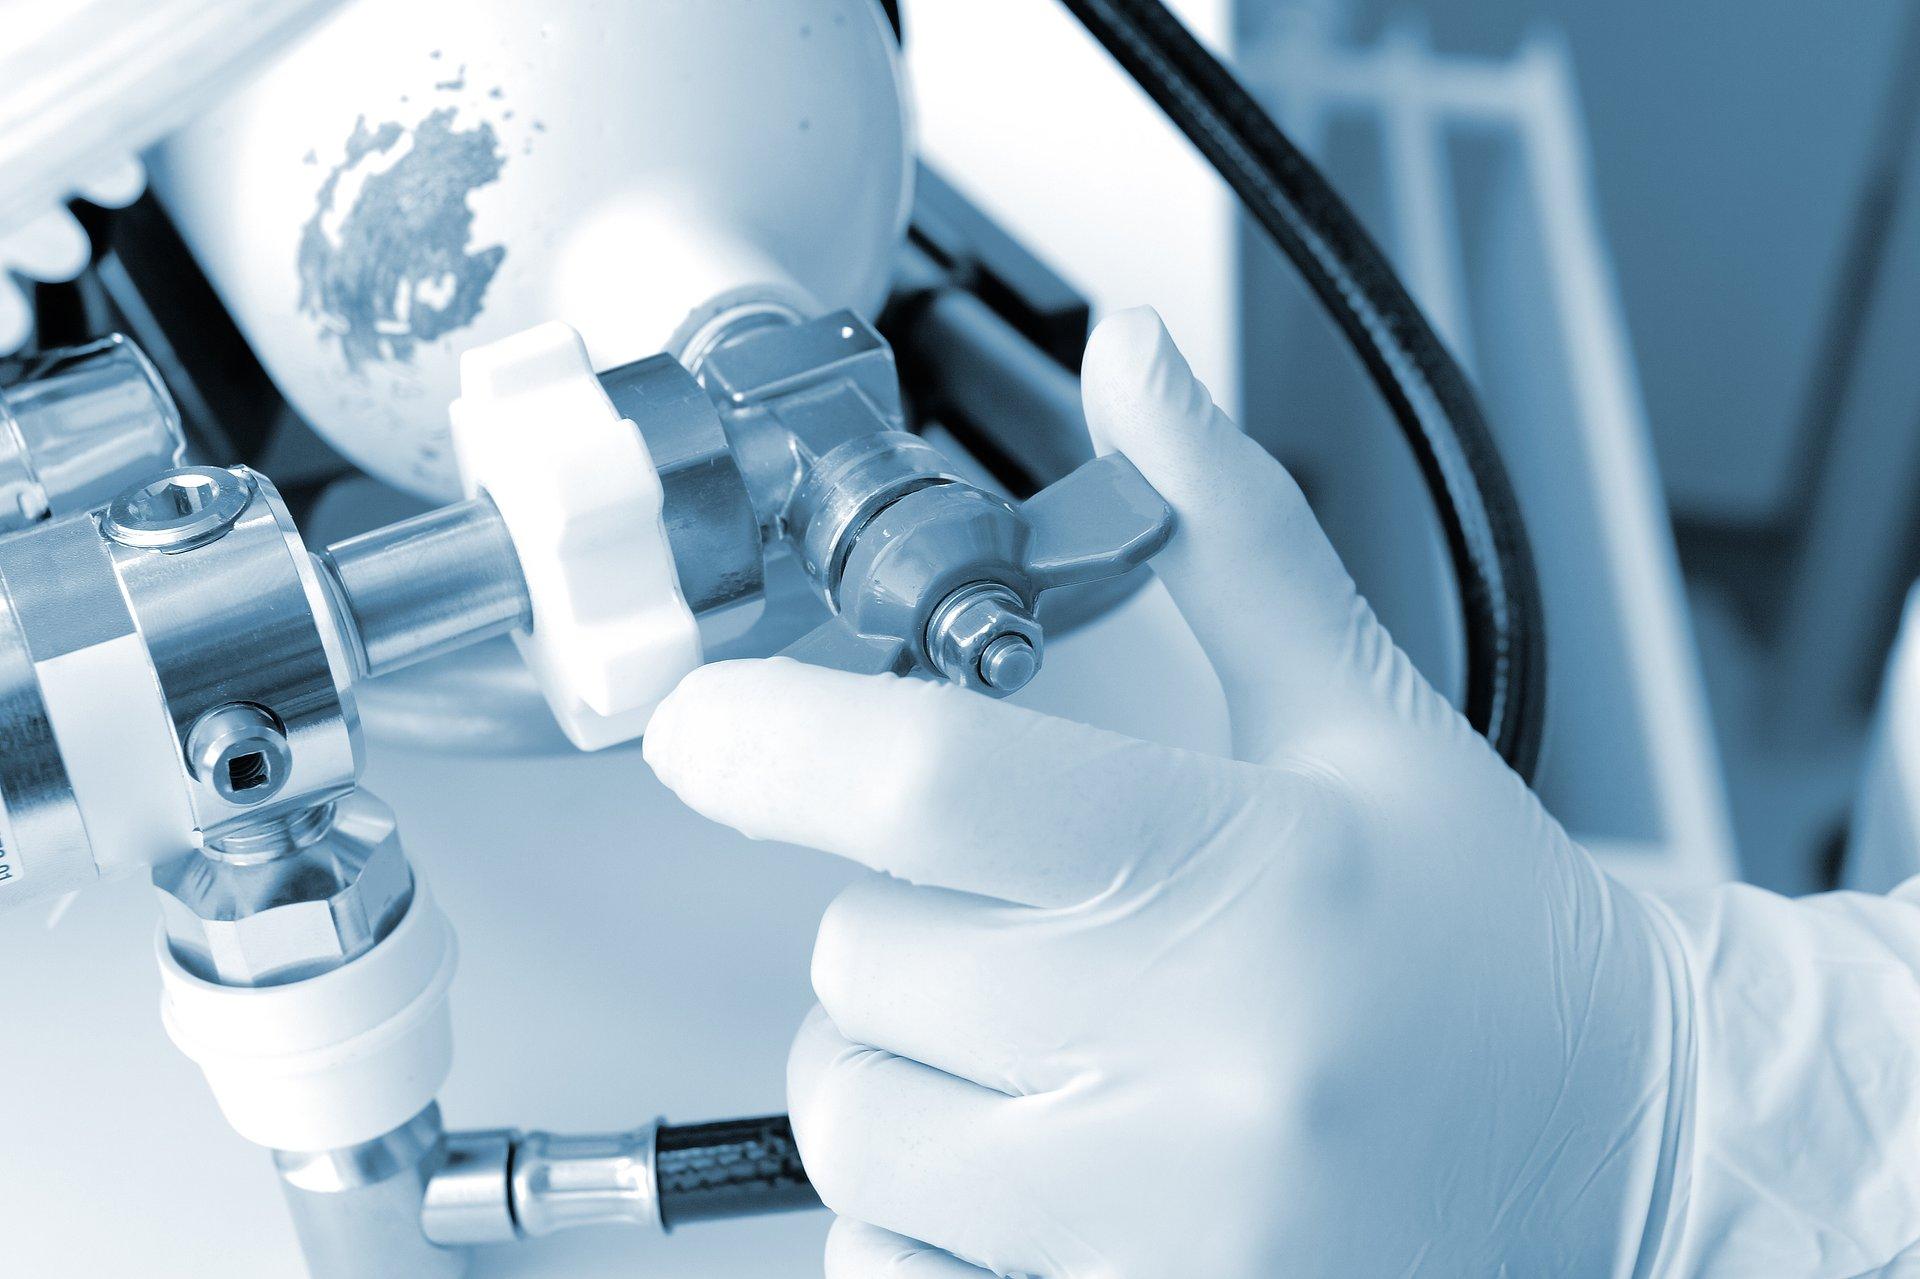 Tlen medyczny Air Products wycofany z obrotu